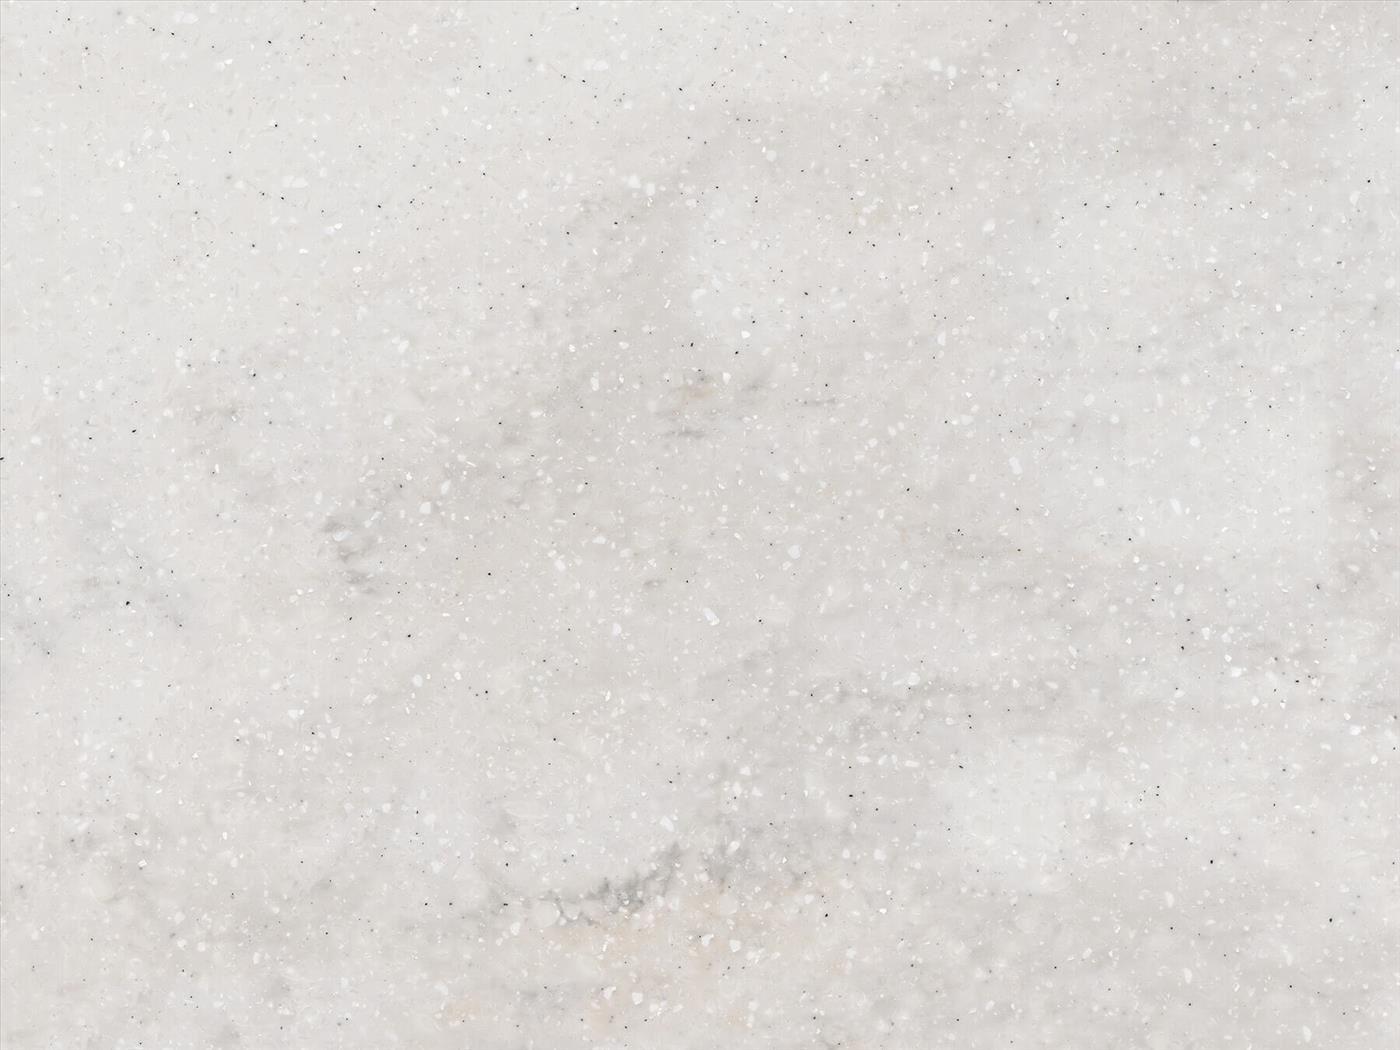 קוריאן rain cloud